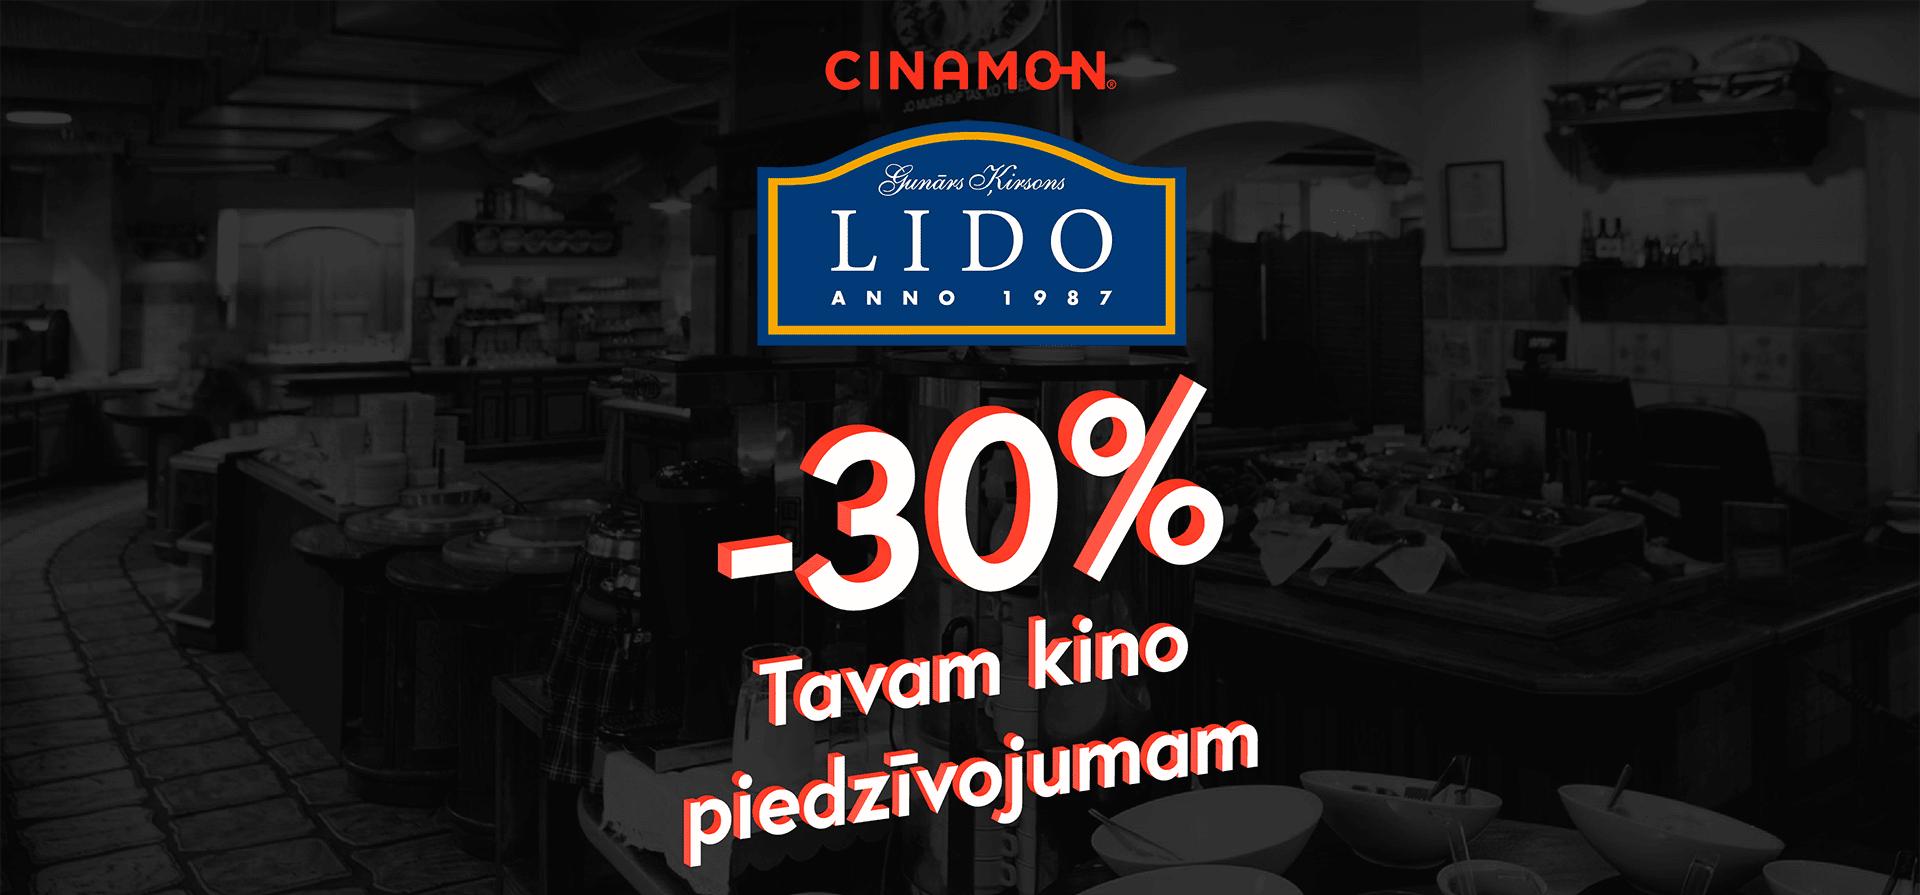 LIDO_Cinamon.png